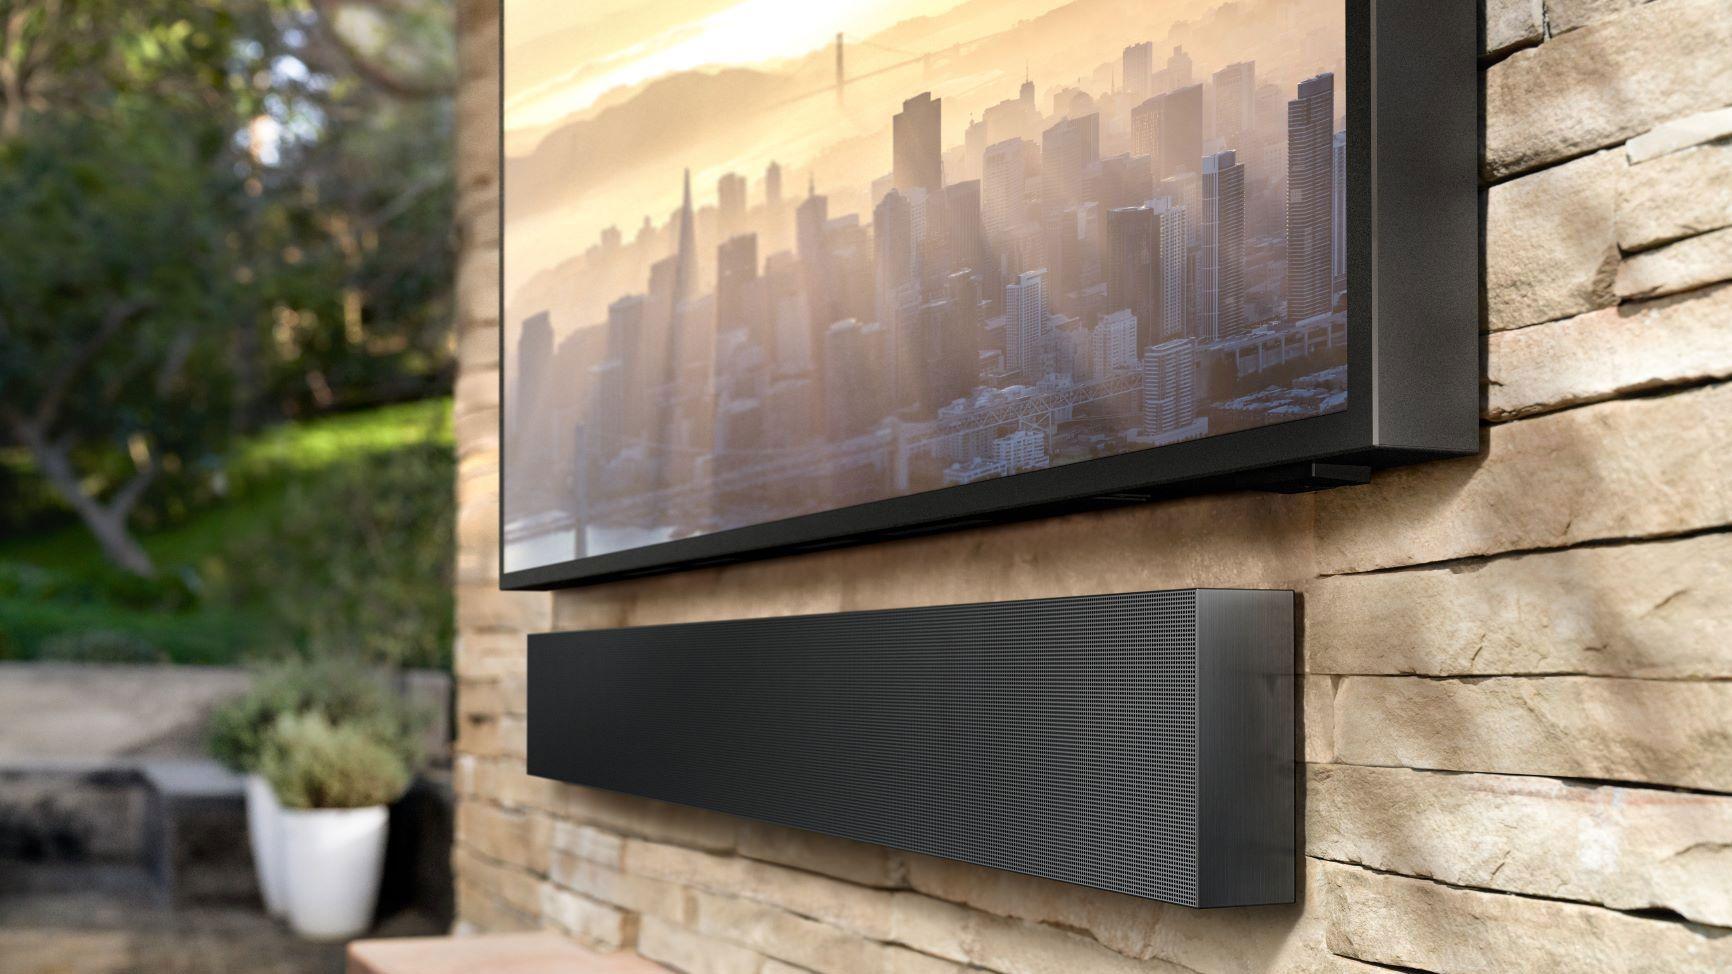 Samsungs nye TV-er er ment for utendørs bruk